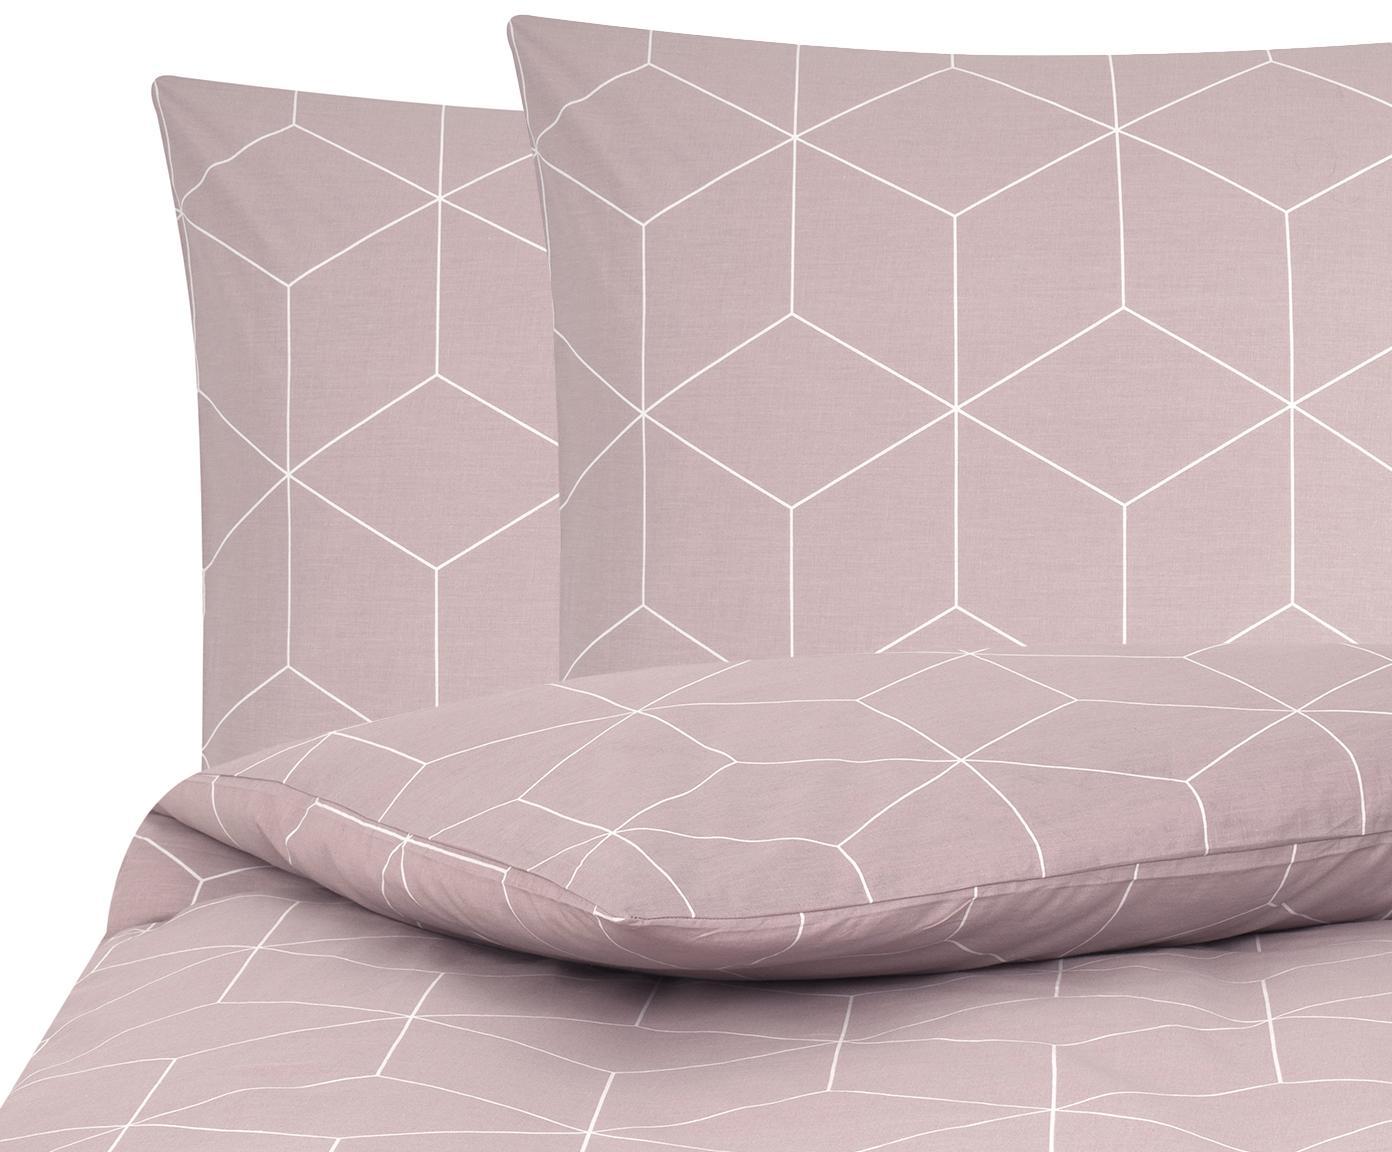 Baumwoll-Bettwäsche Lynn mit grafischem Muster, Webart: Renforcé Fadendichte 144 , Altrosa, Cremeweiß, 240 x 220 cm + 2 Kissen 80 x 80 cm